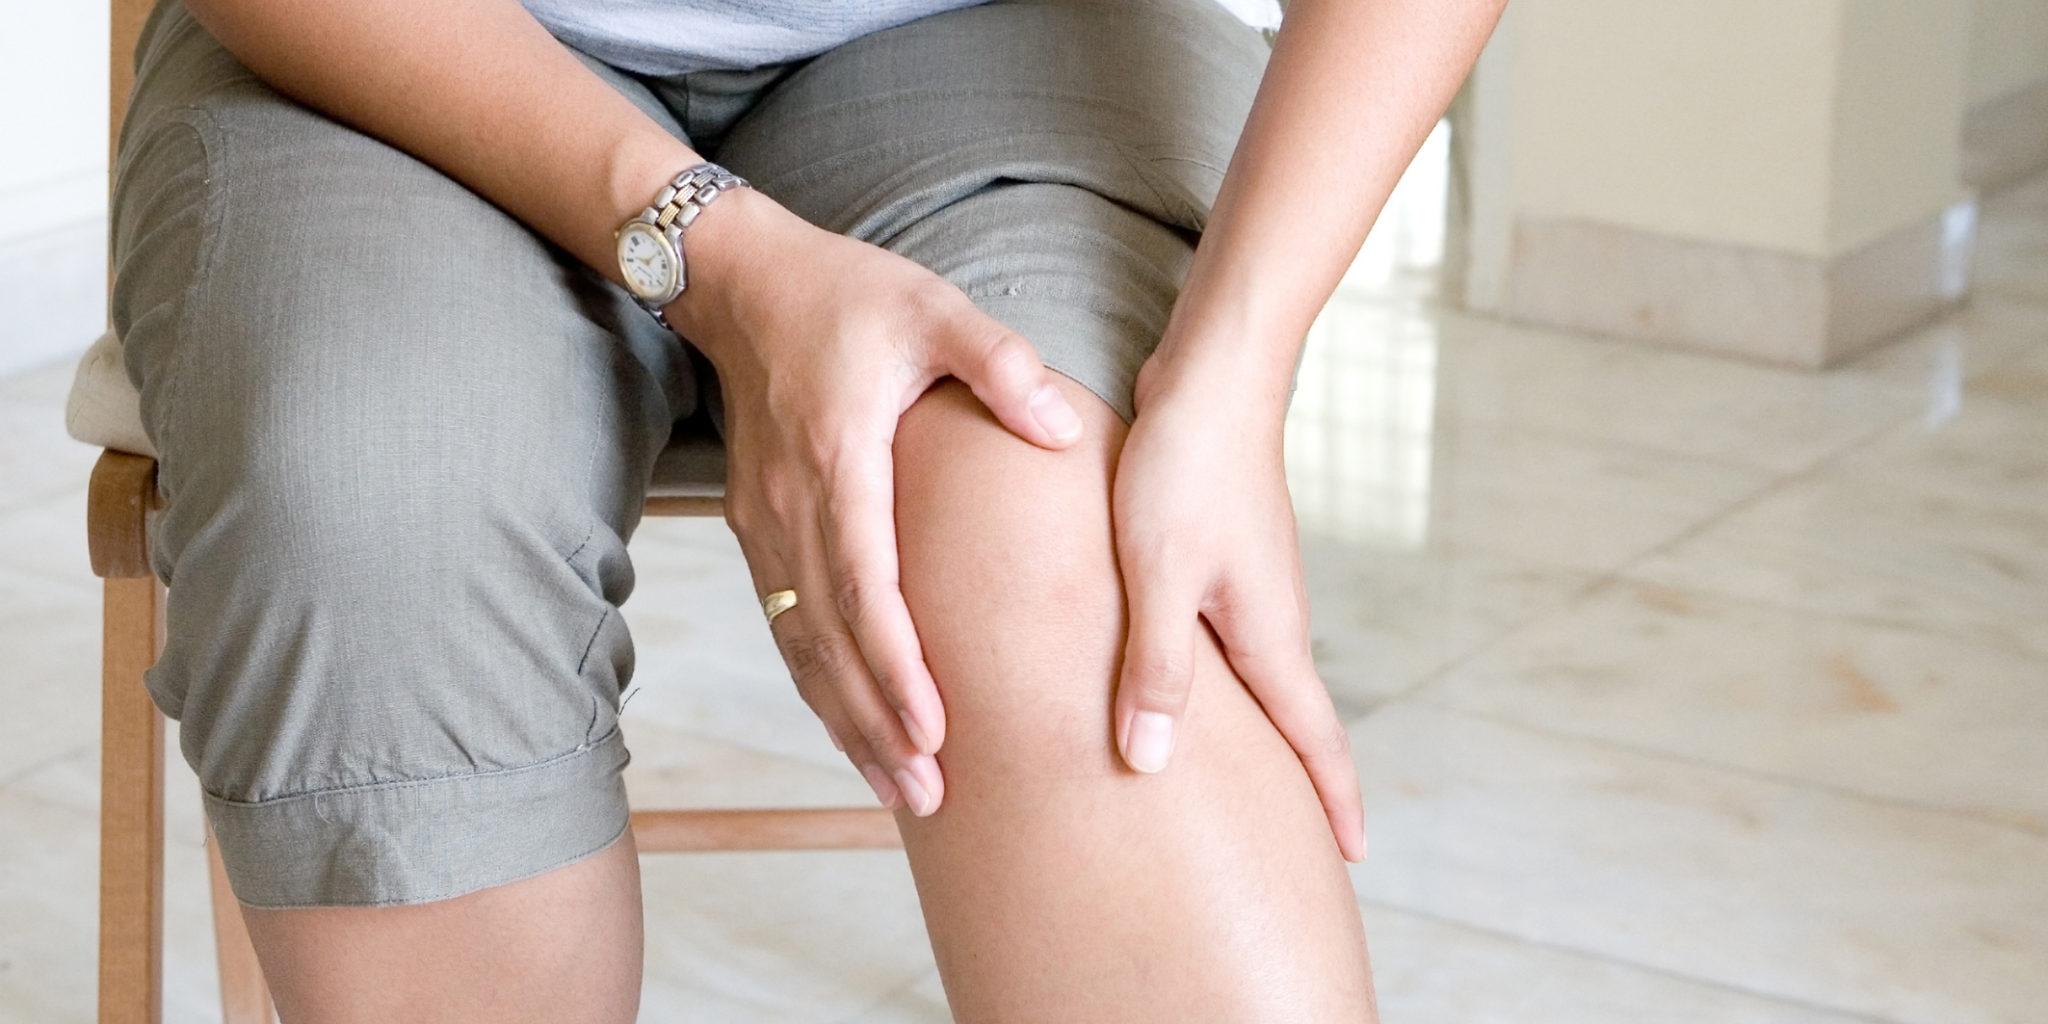 térd fáj, a térd összeroppant nyirokcsomók gyulladása az ízületek fájdalma